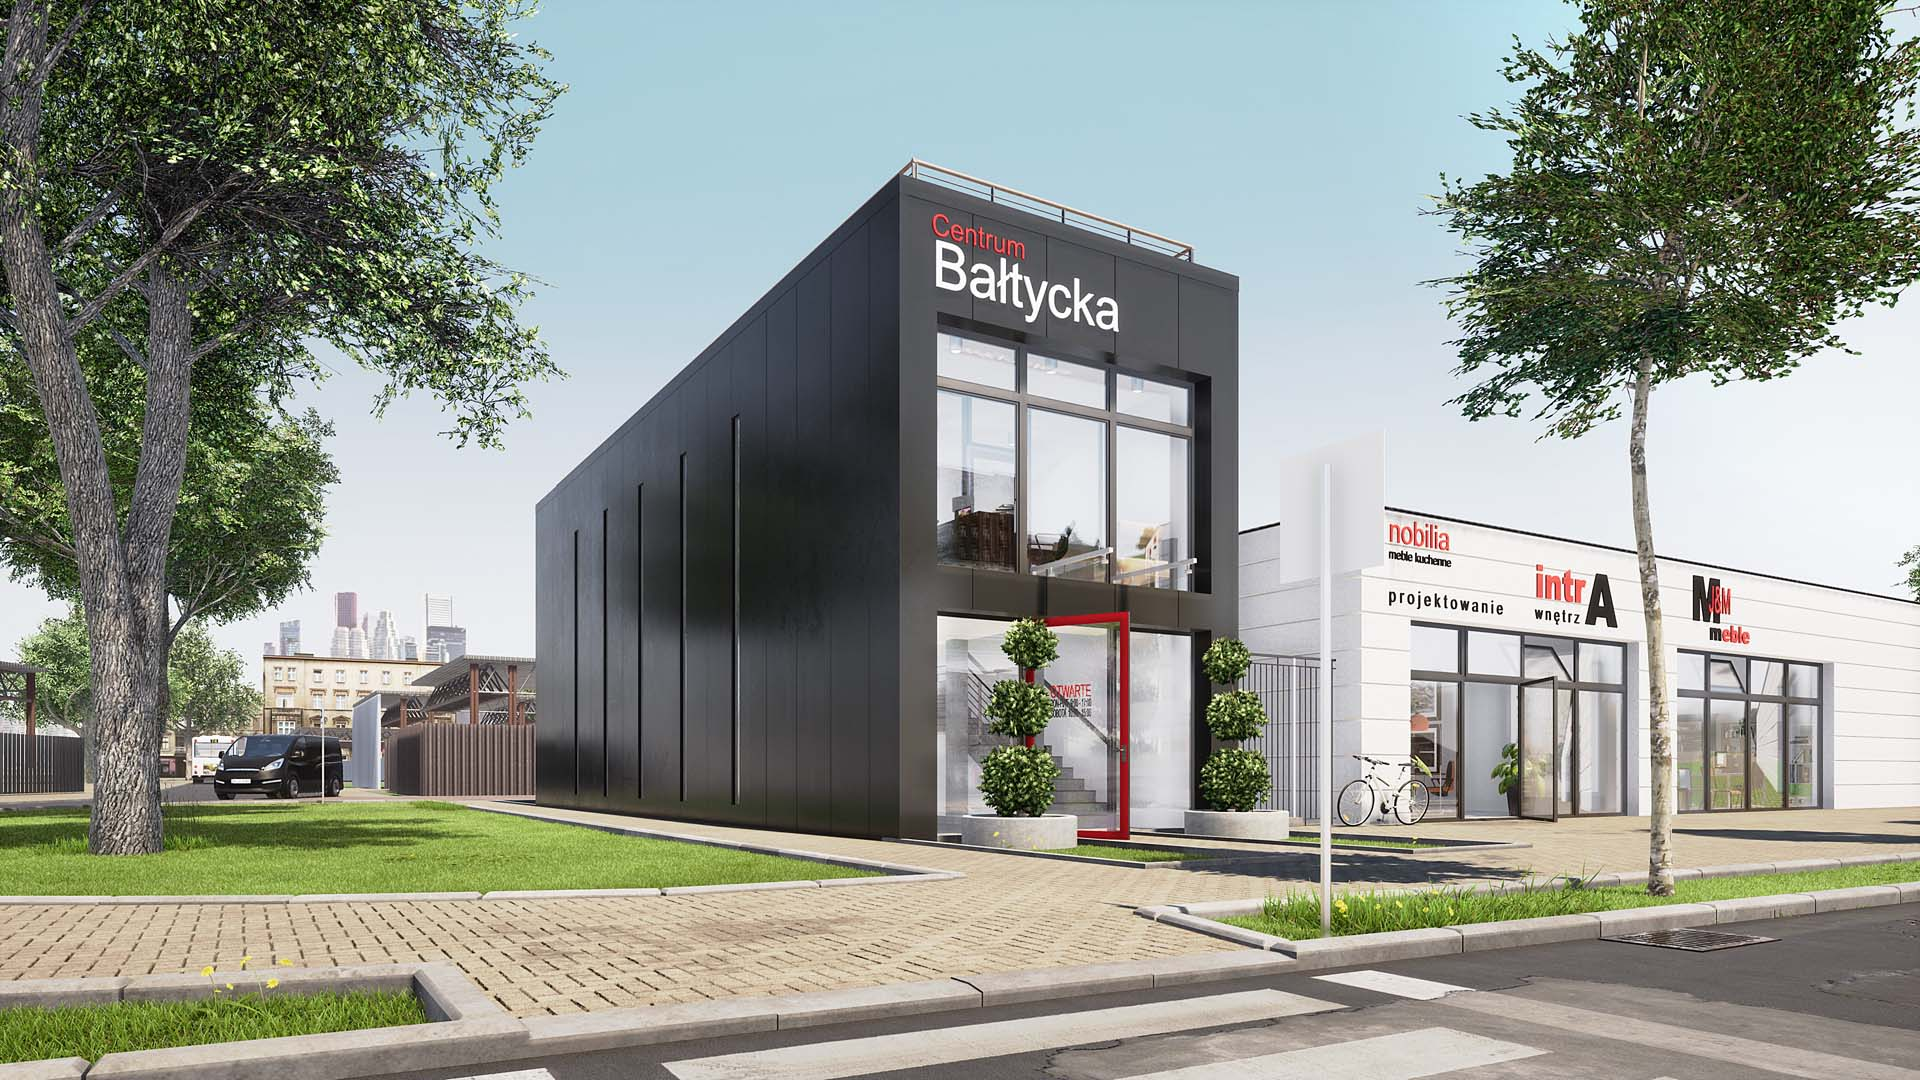 budynek-wodnego-klubu-sportowego-baltycka-02